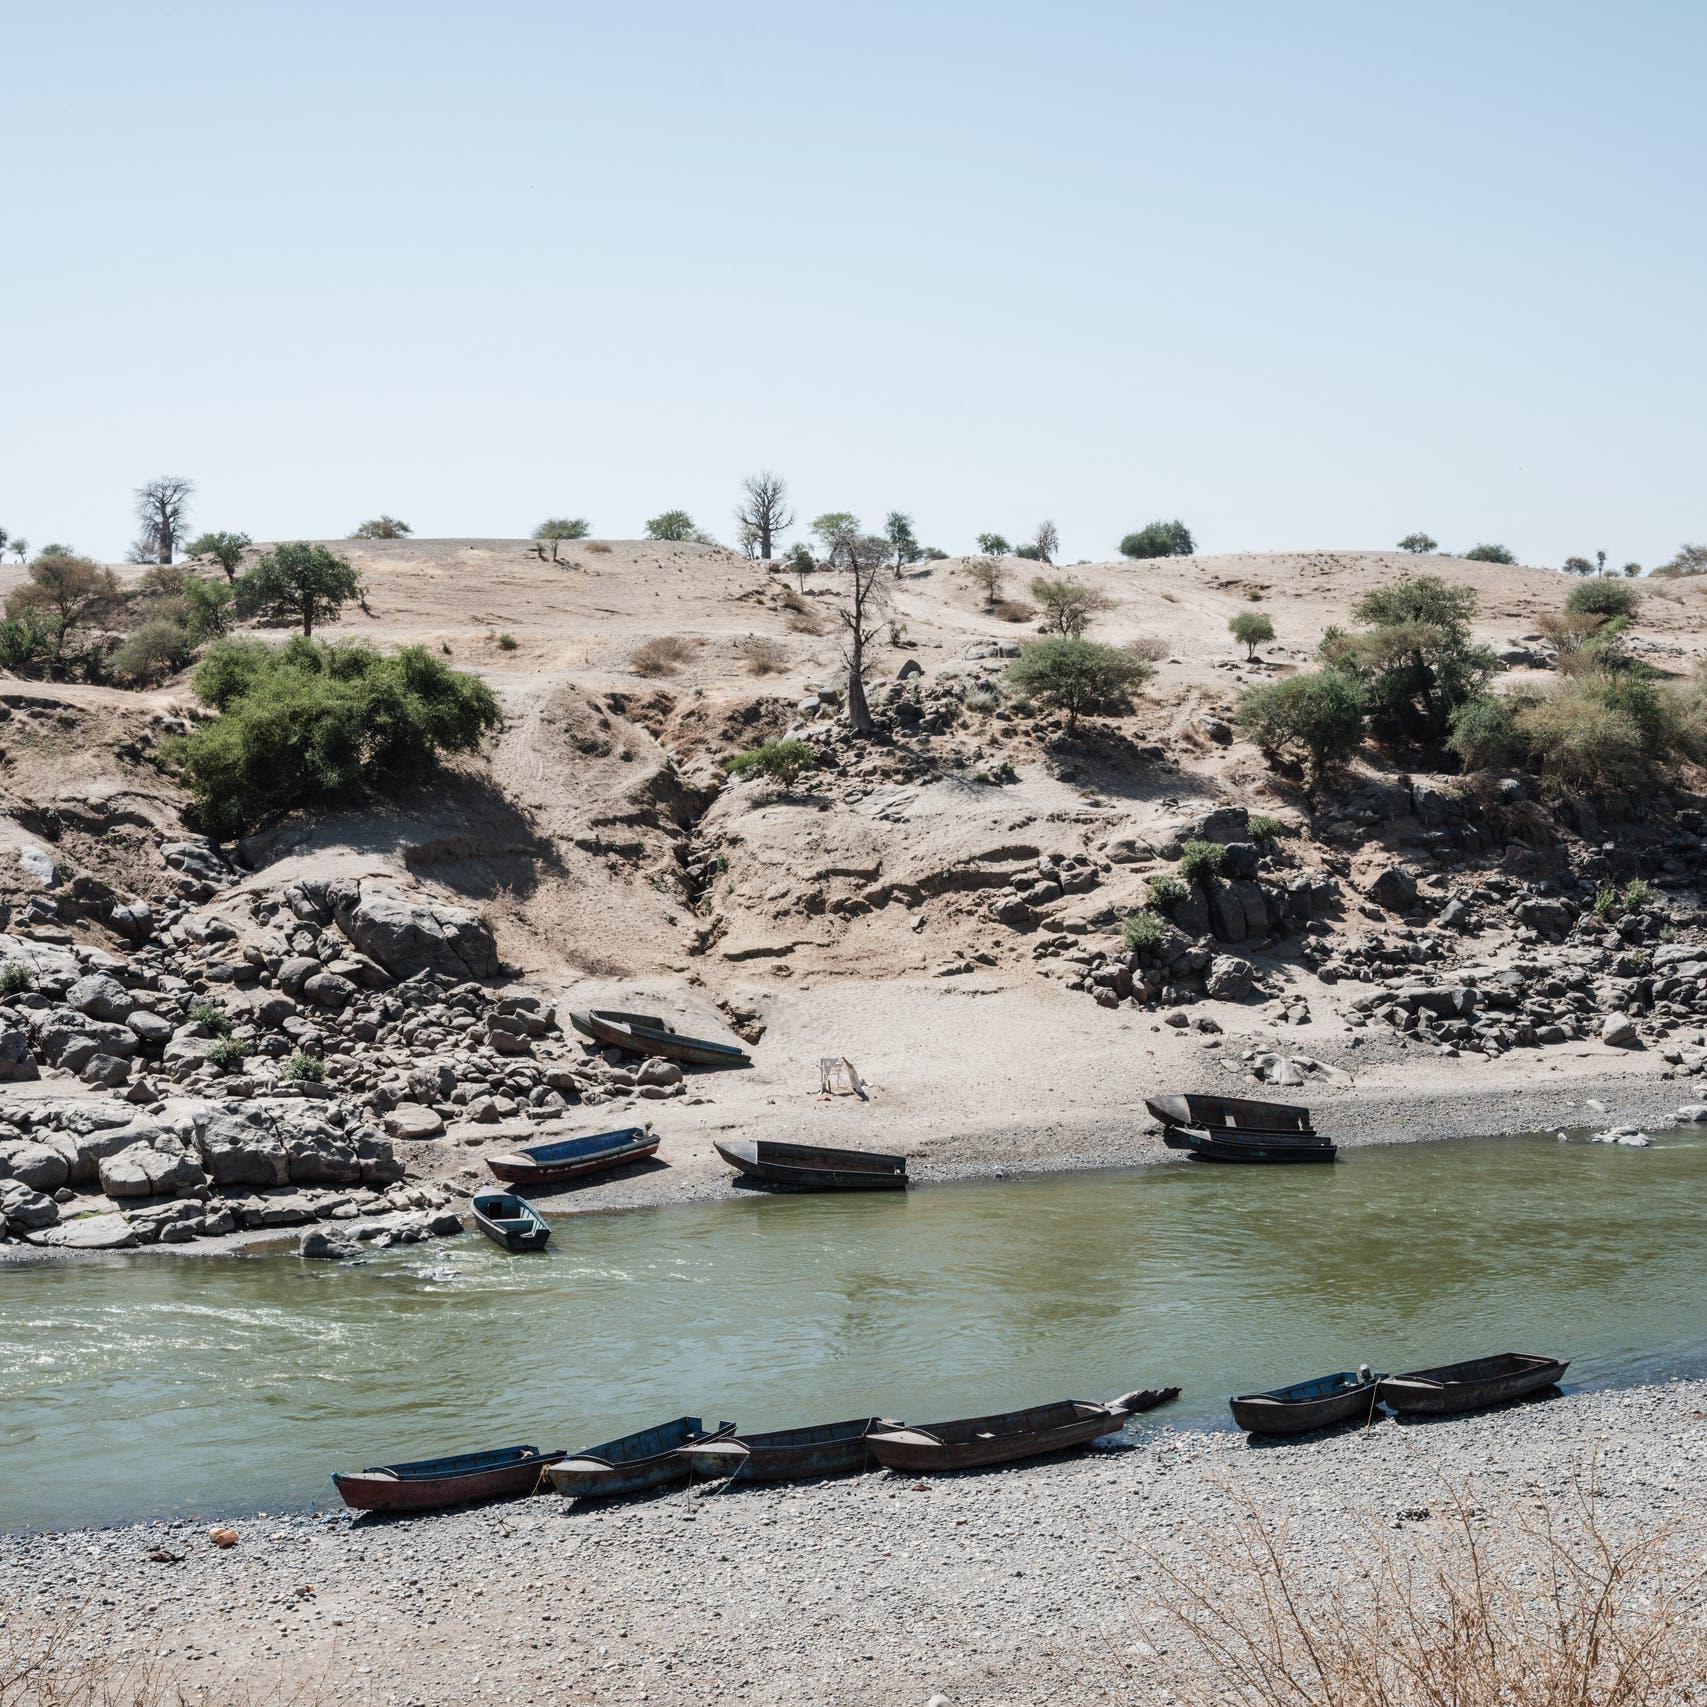 بعد 21 سنة.. قوات السودان تدخل آخر نقطة حدودية مع إثيوبيا